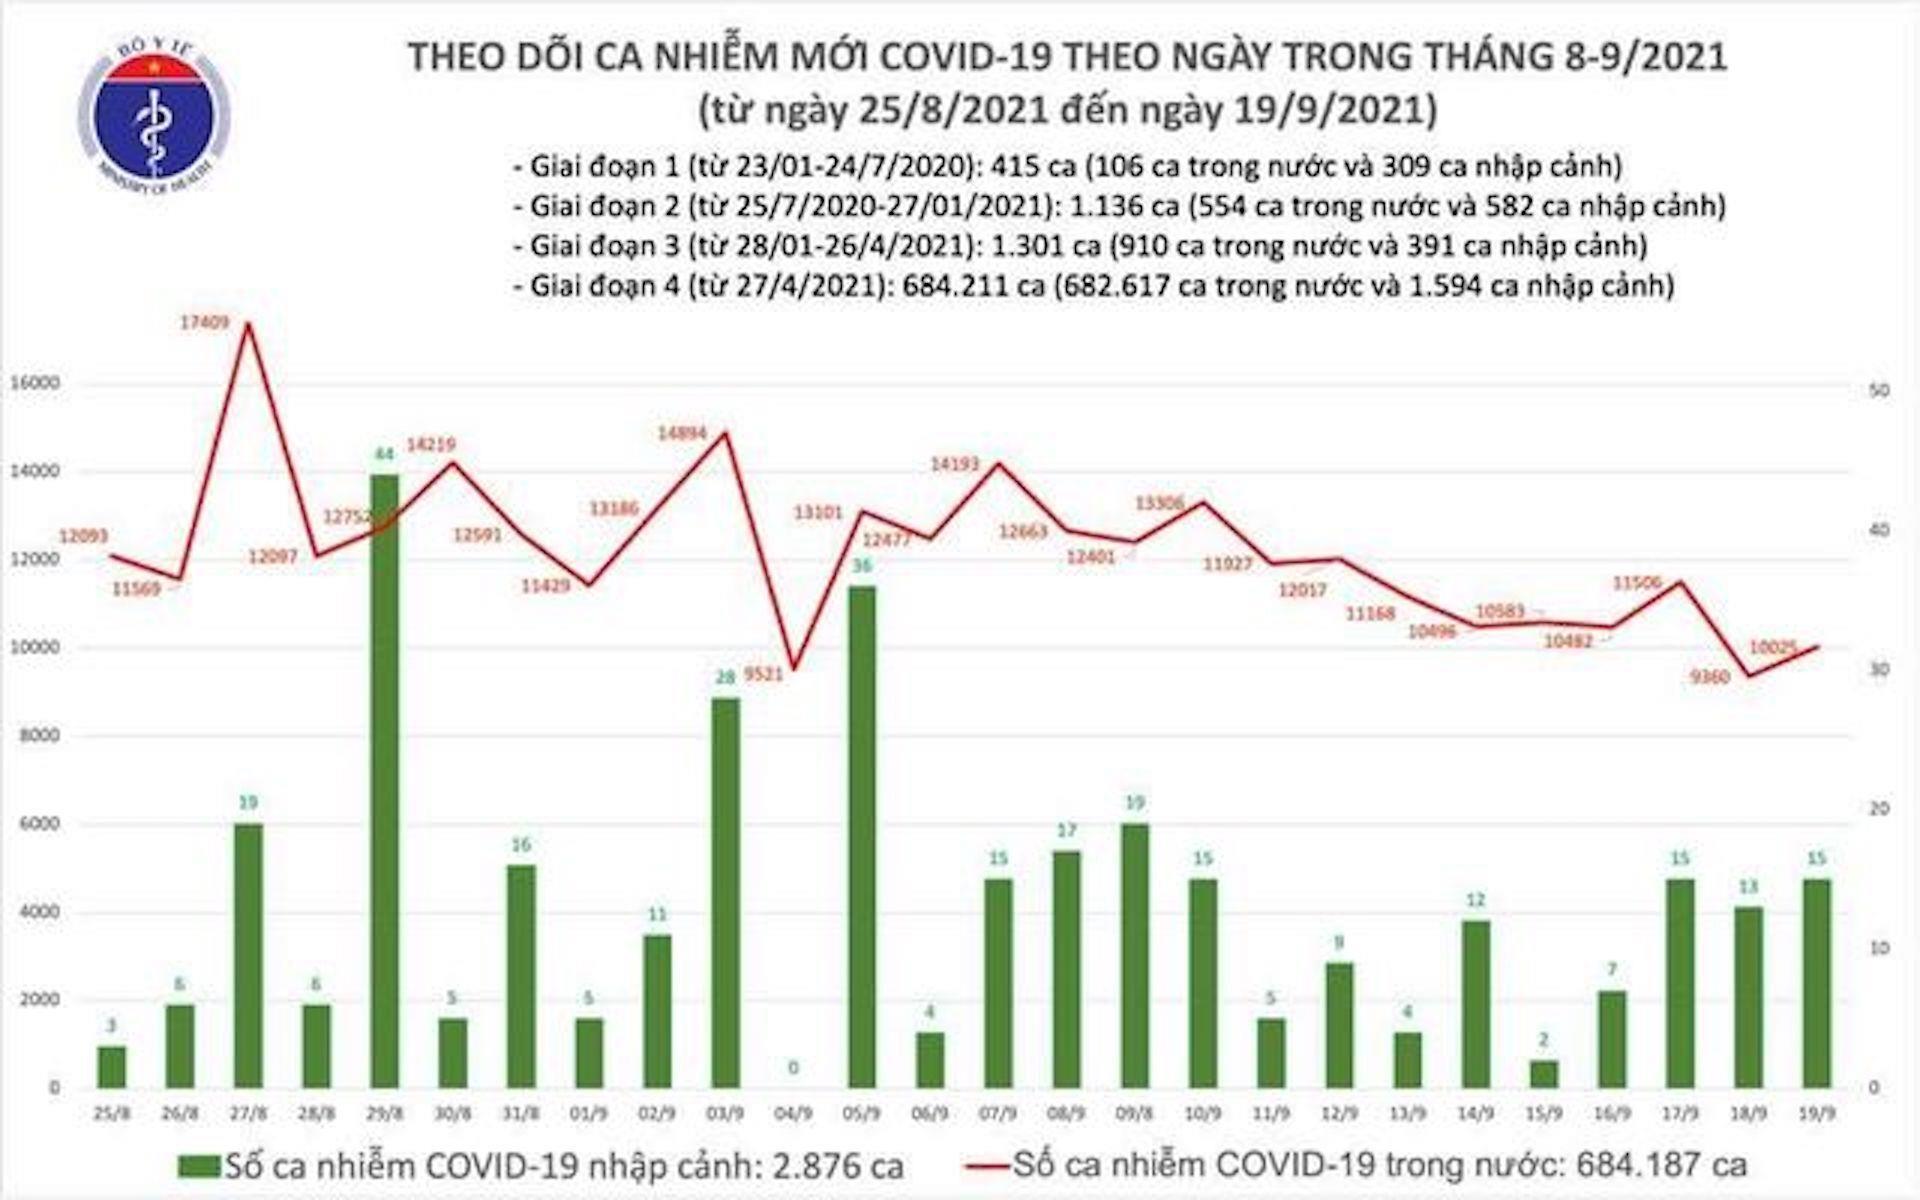 Thêm 10.040 ca COVID-19 mới, TP.HCM tăng 1.259 ca  - 1